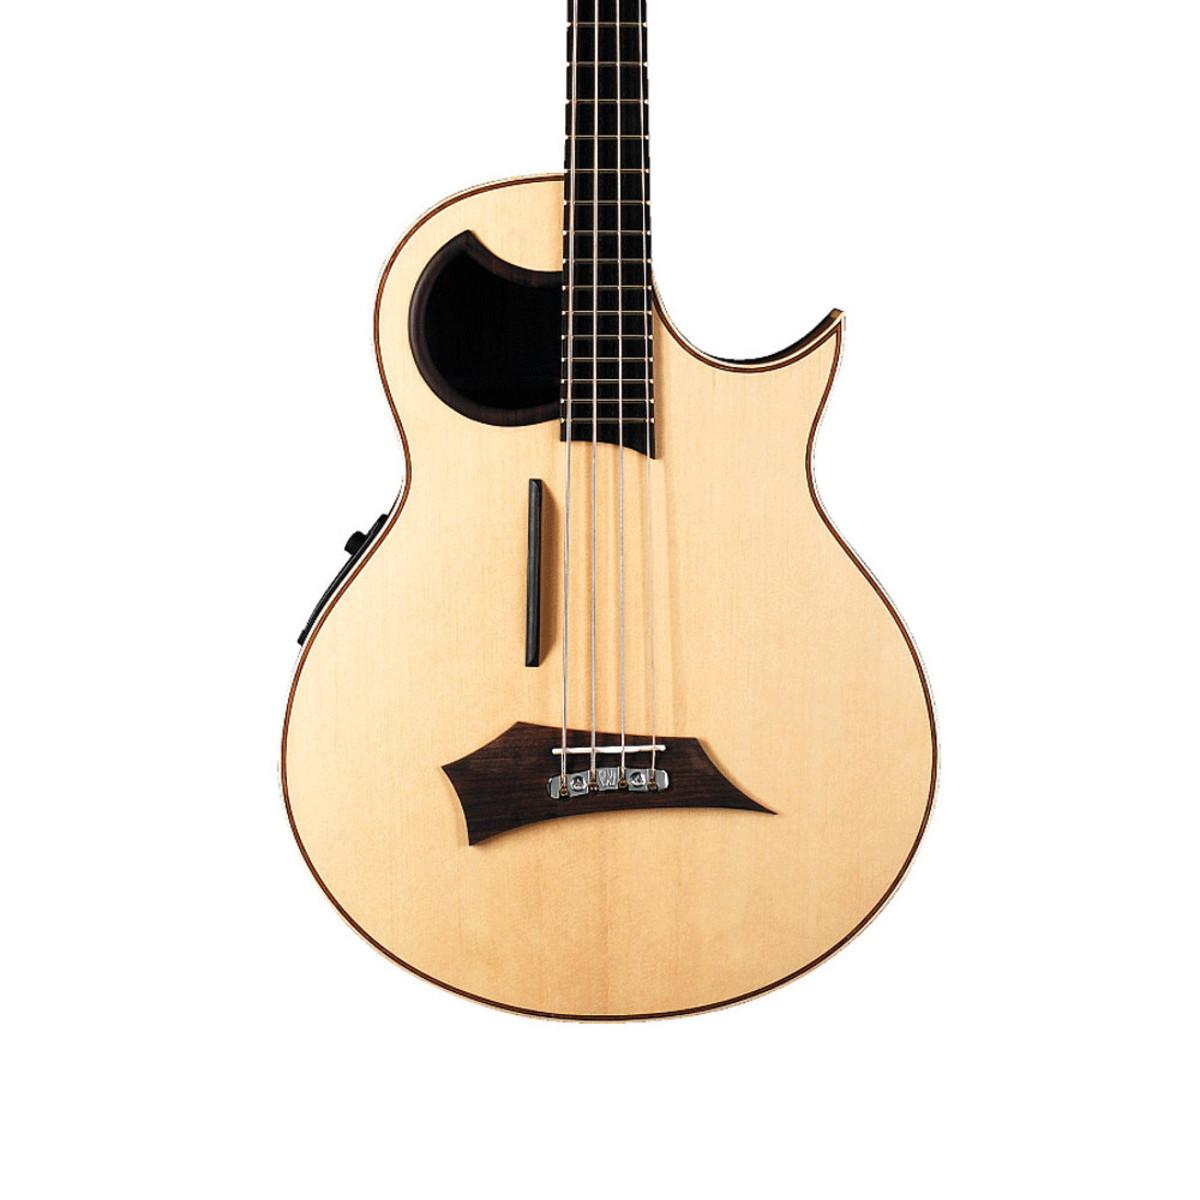 warwick alien 4 string bass guitar natural satin at. Black Bedroom Furniture Sets. Home Design Ideas